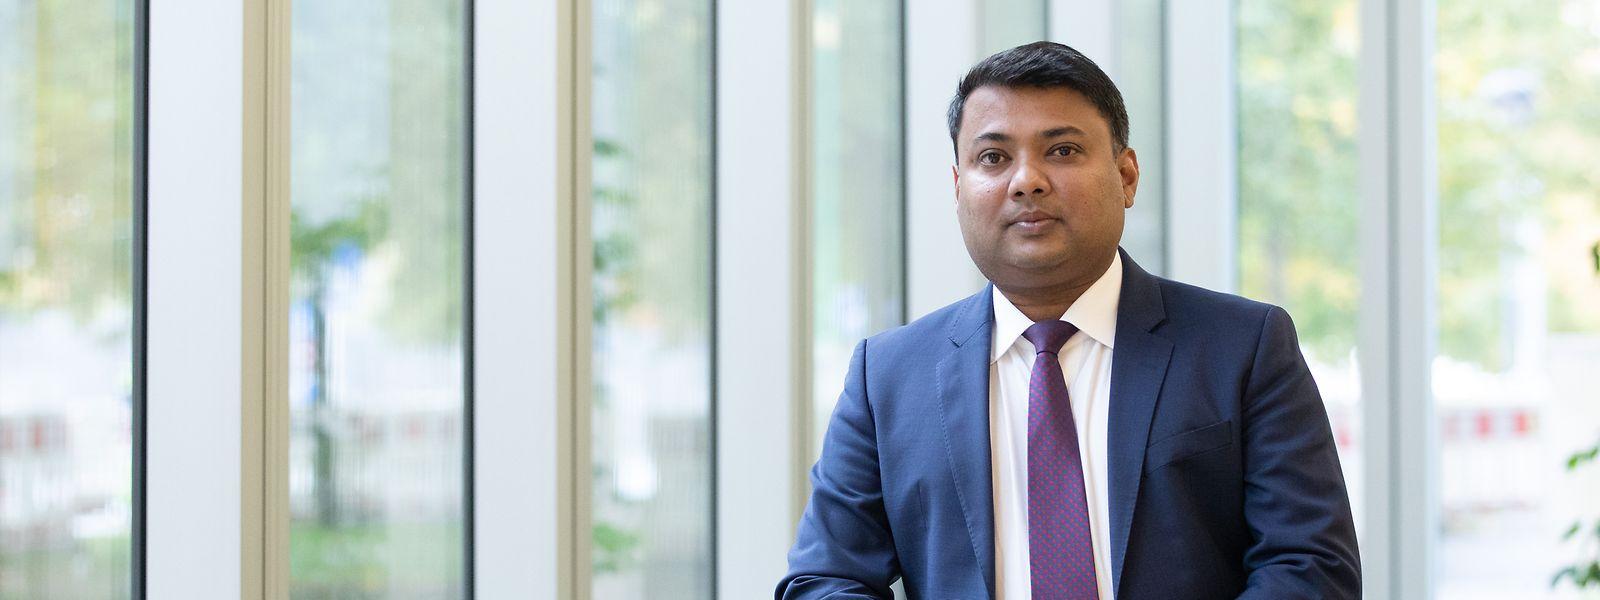 Sachin Vankalas ist seit 2019 Direktor von LuxFLAG.